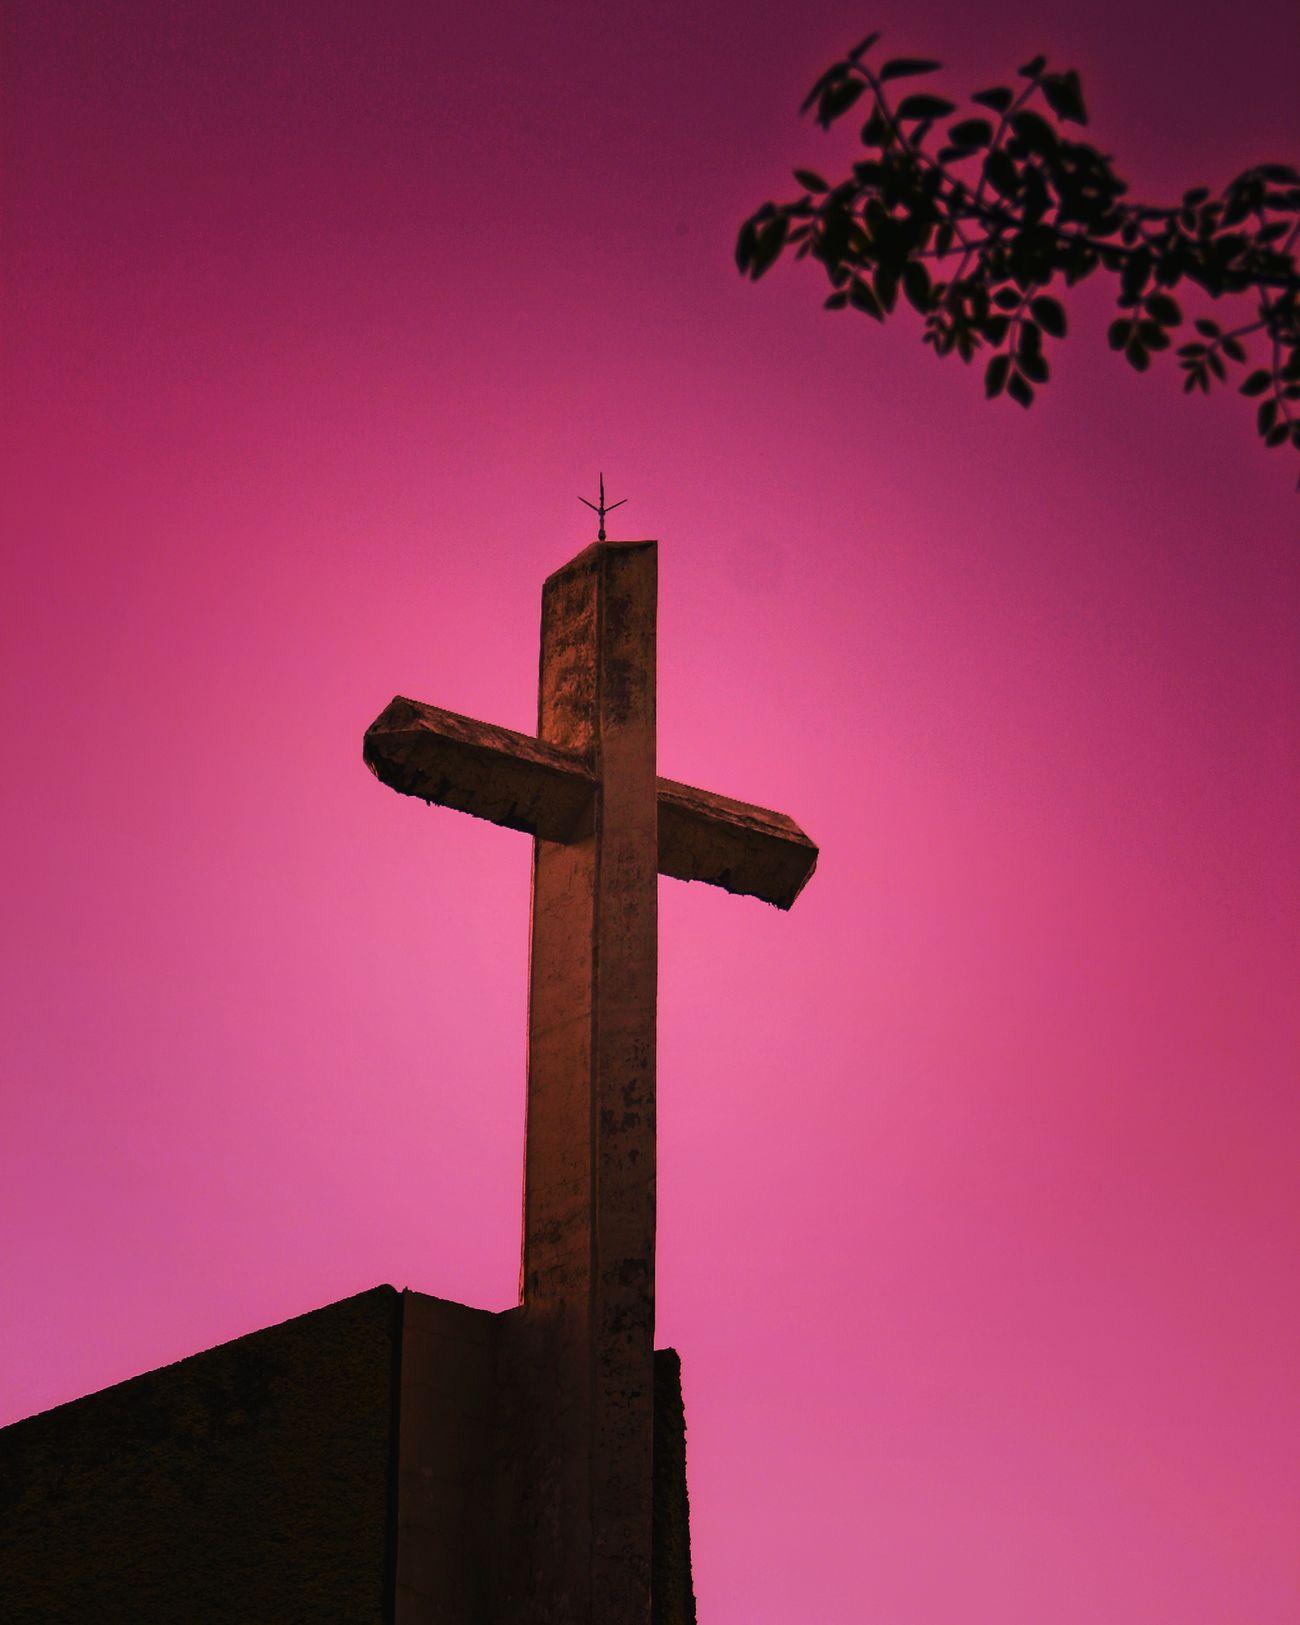 La cruz permanece firme, mientras el mundo da vueltas. Cross Forgiveness Sky Spirituality Jesus Streetphotography